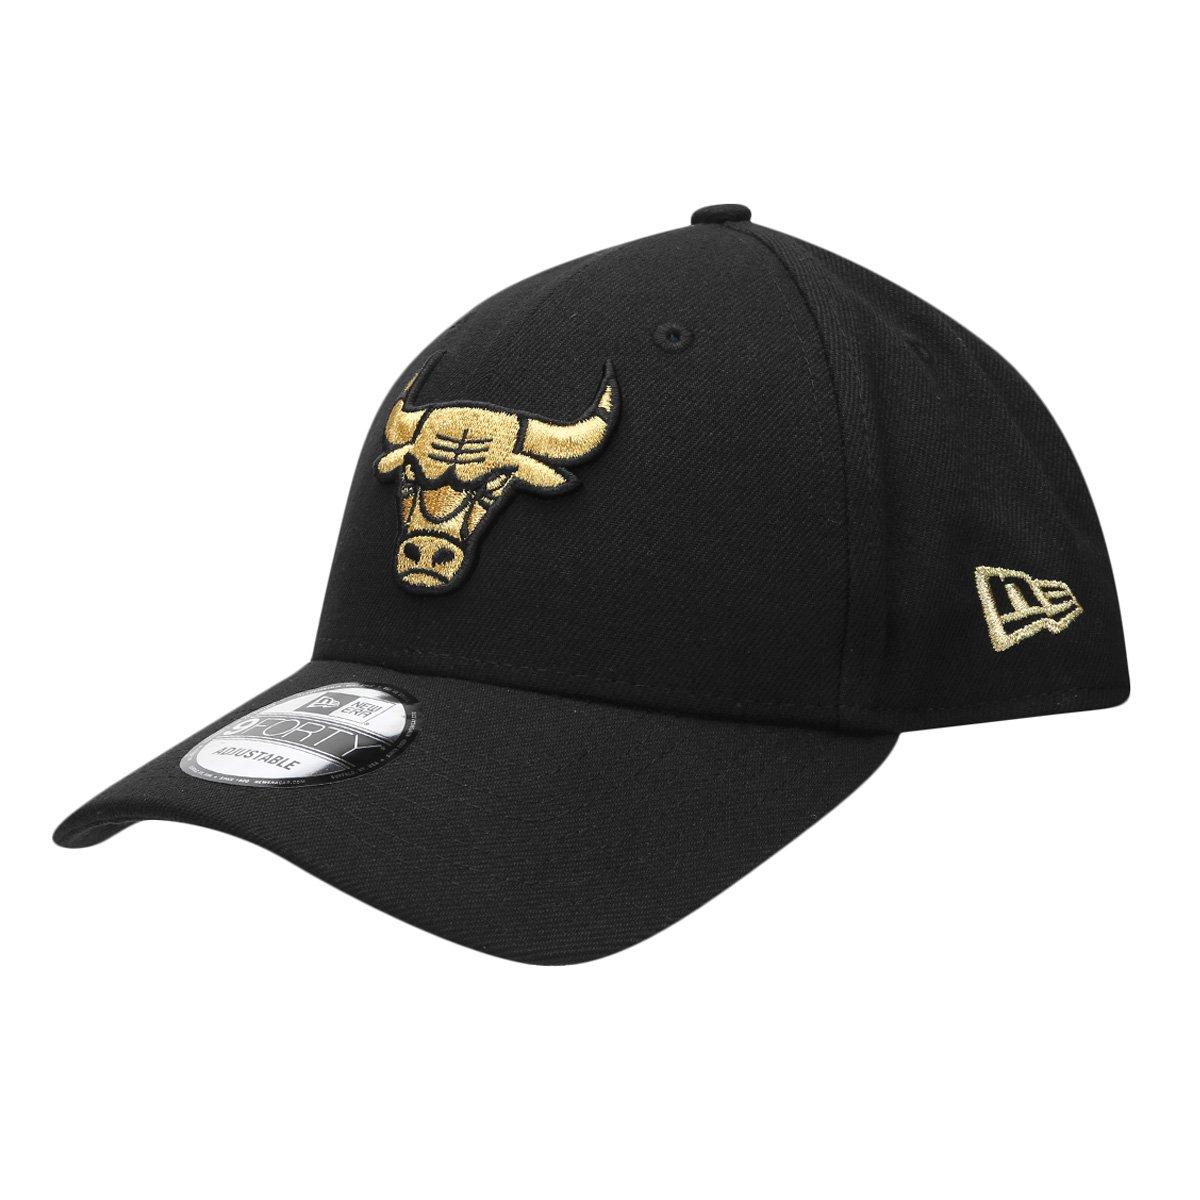 f4529e16f3bef Boné New Era NBA 940 St Gold On Black Chicago Bulls - Compre Agora ...